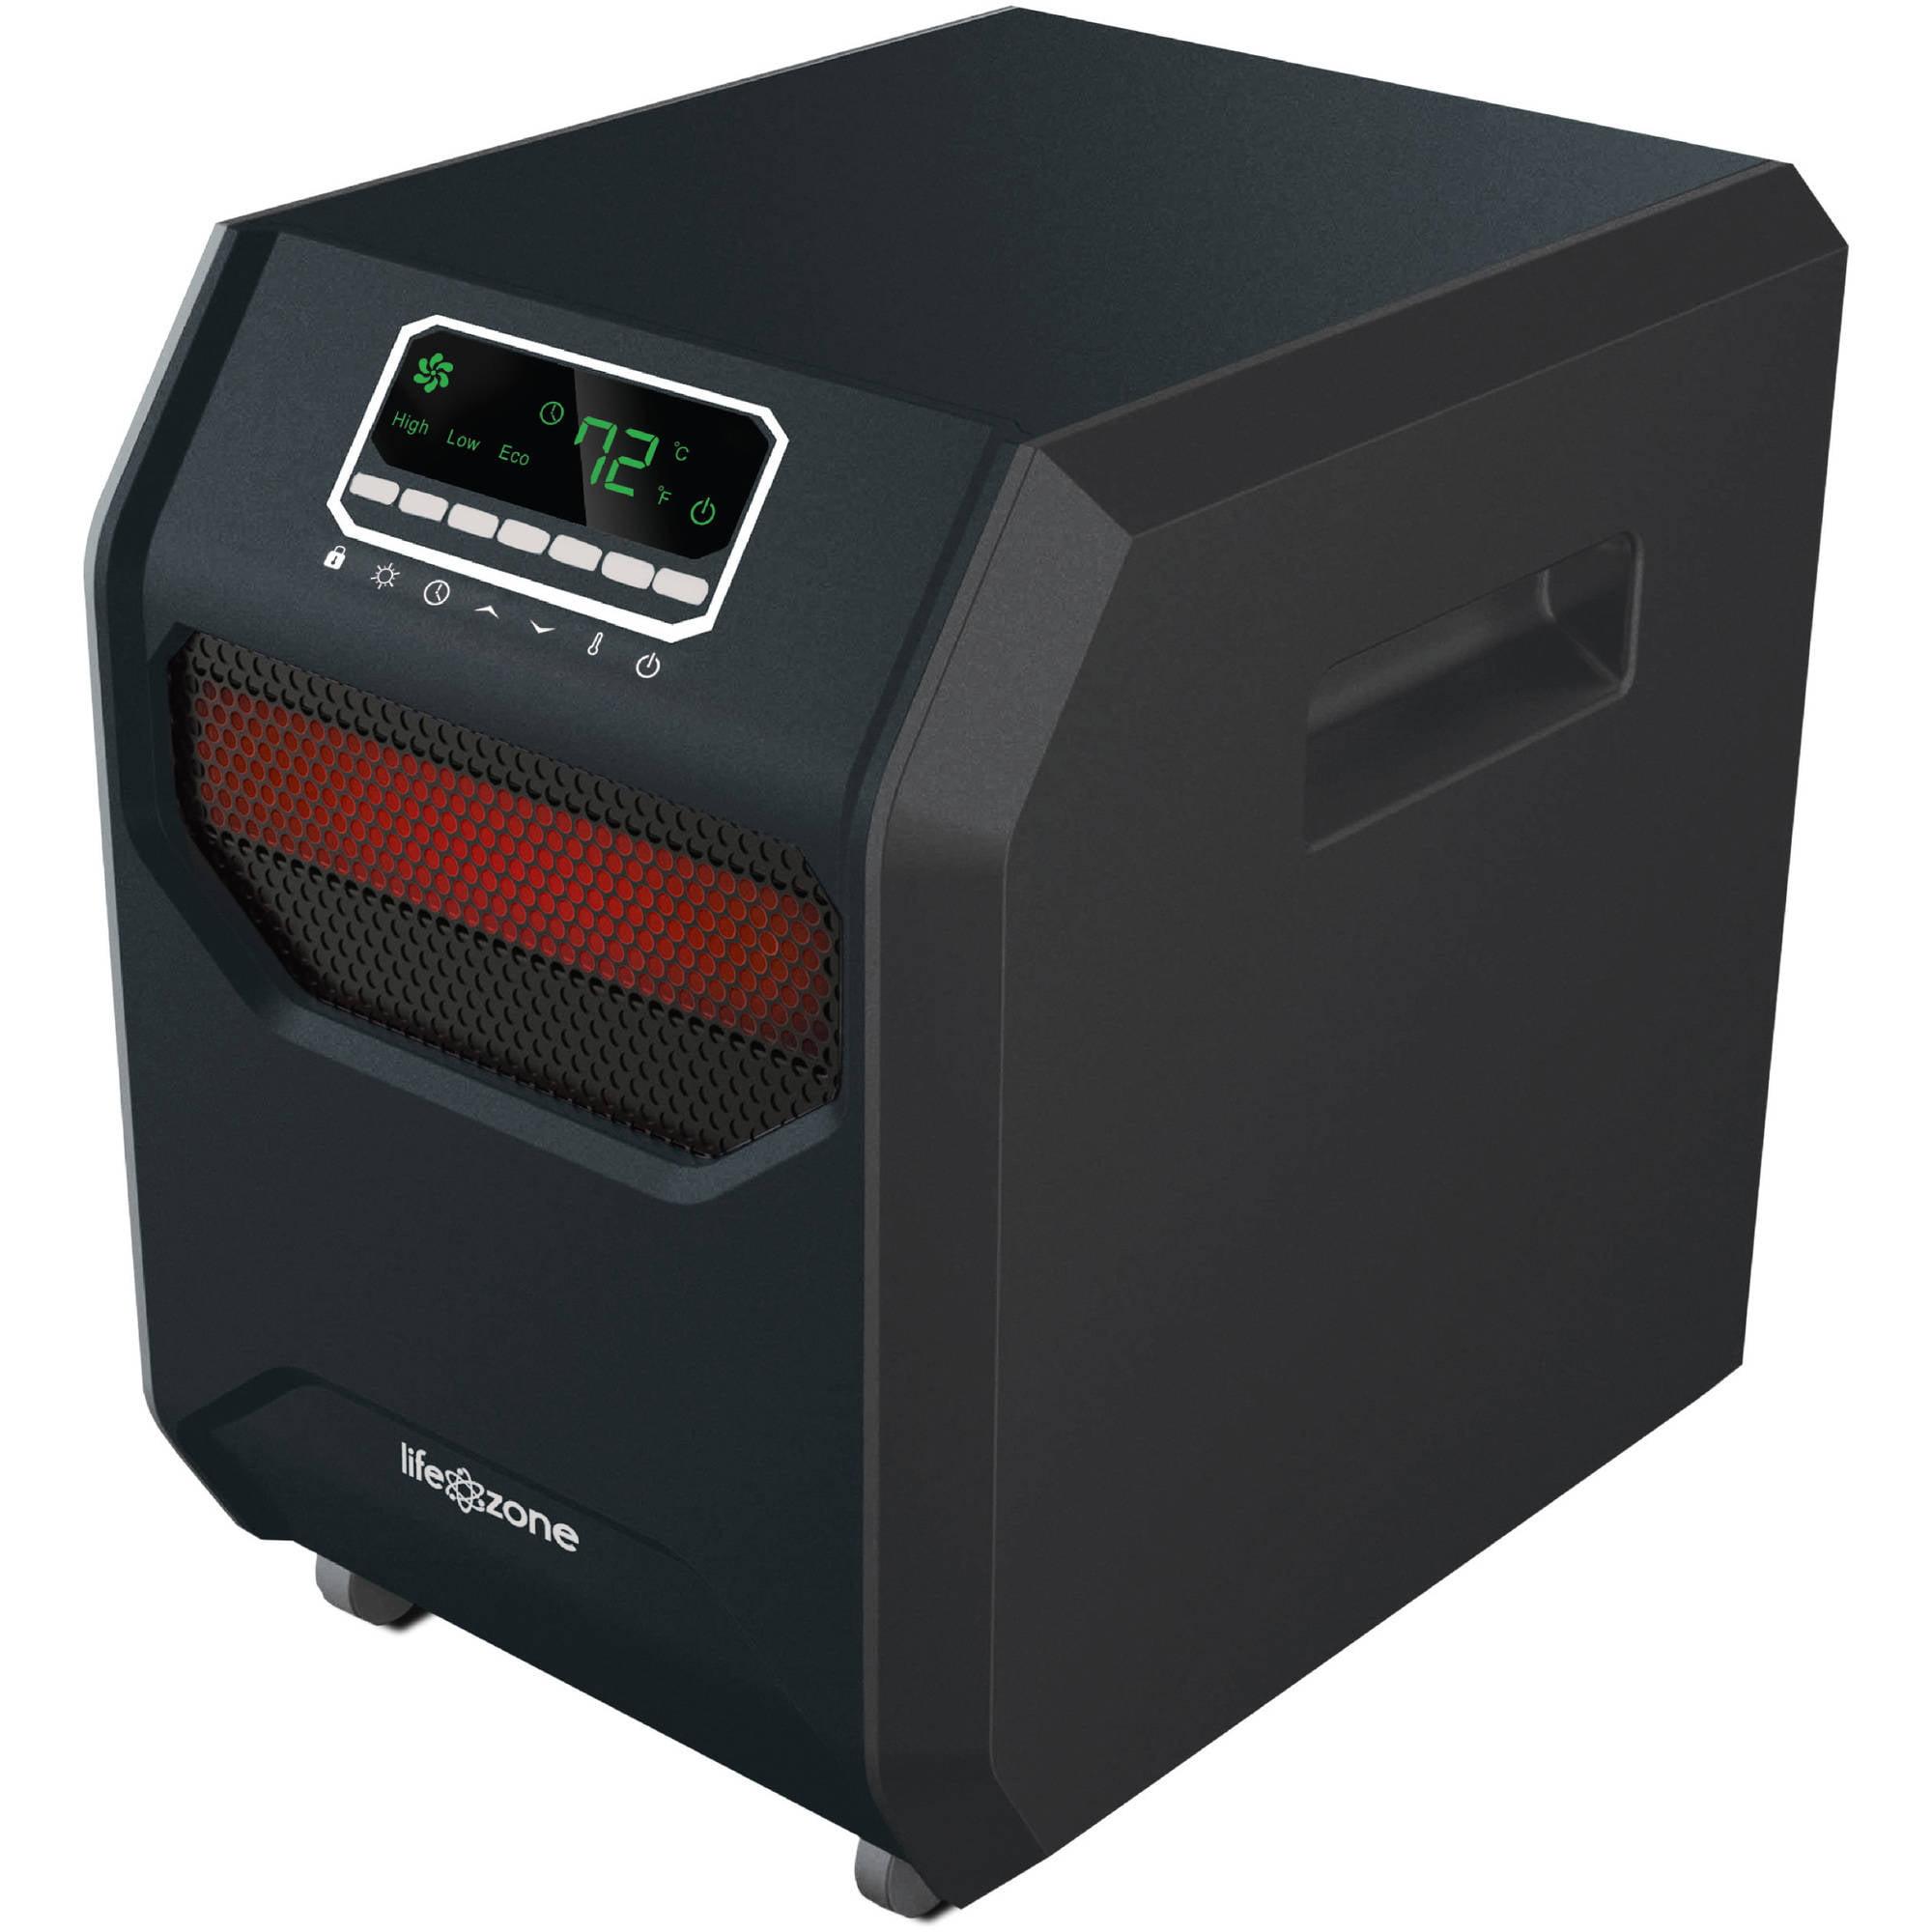 Lifesmart ZCHT1001US Zone Series 4 Element Infrared Heater, Black -  Walmart.com - Walmart.comWalmart.com